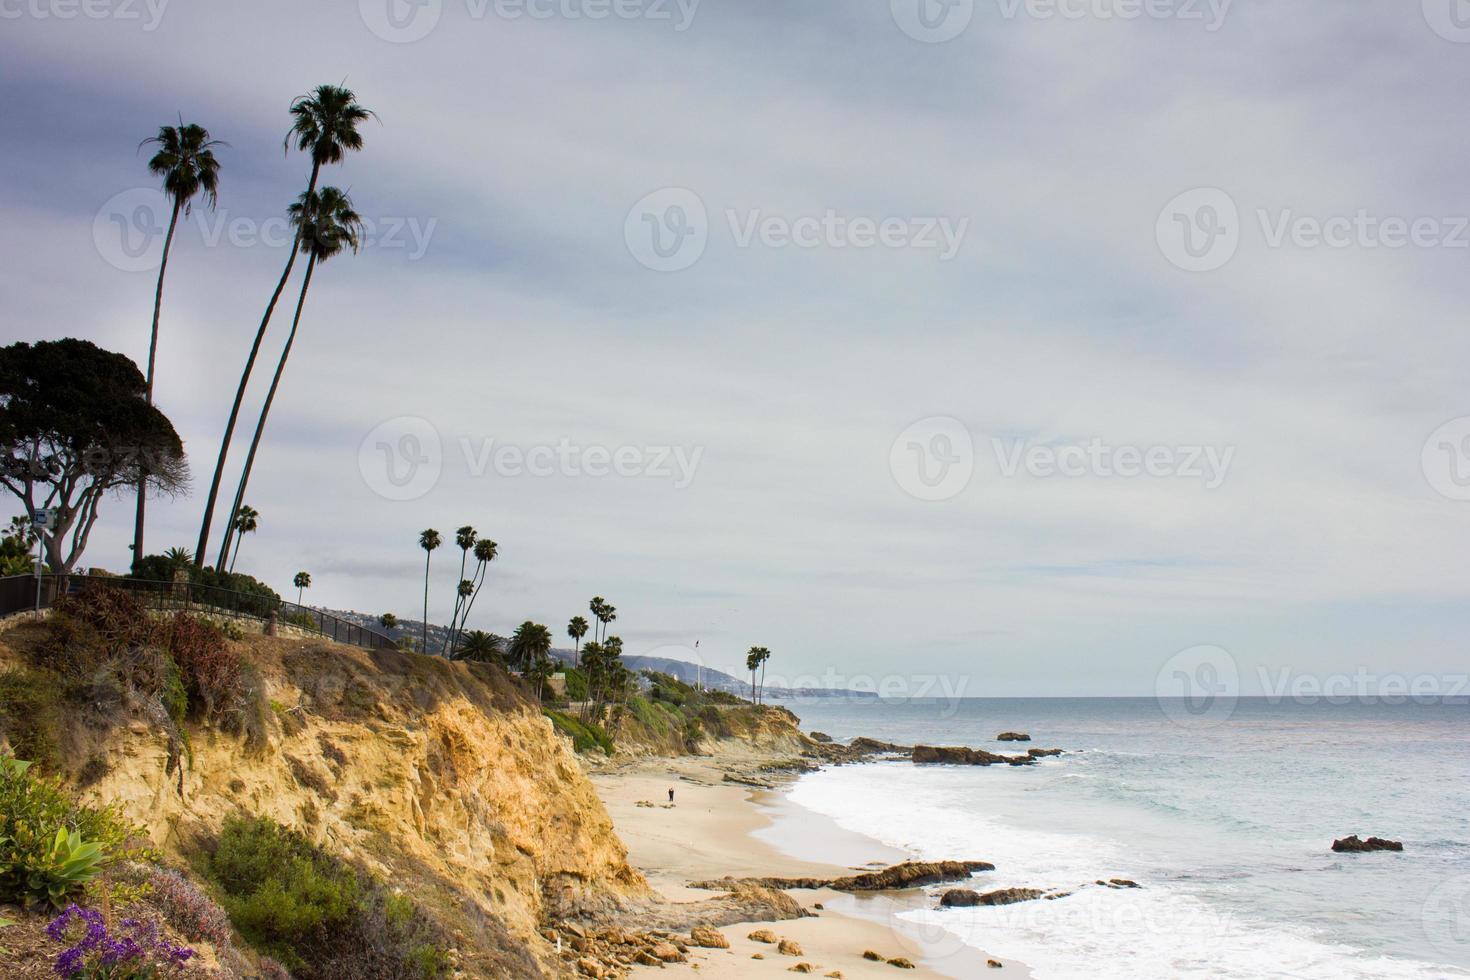 Playa laguna foto